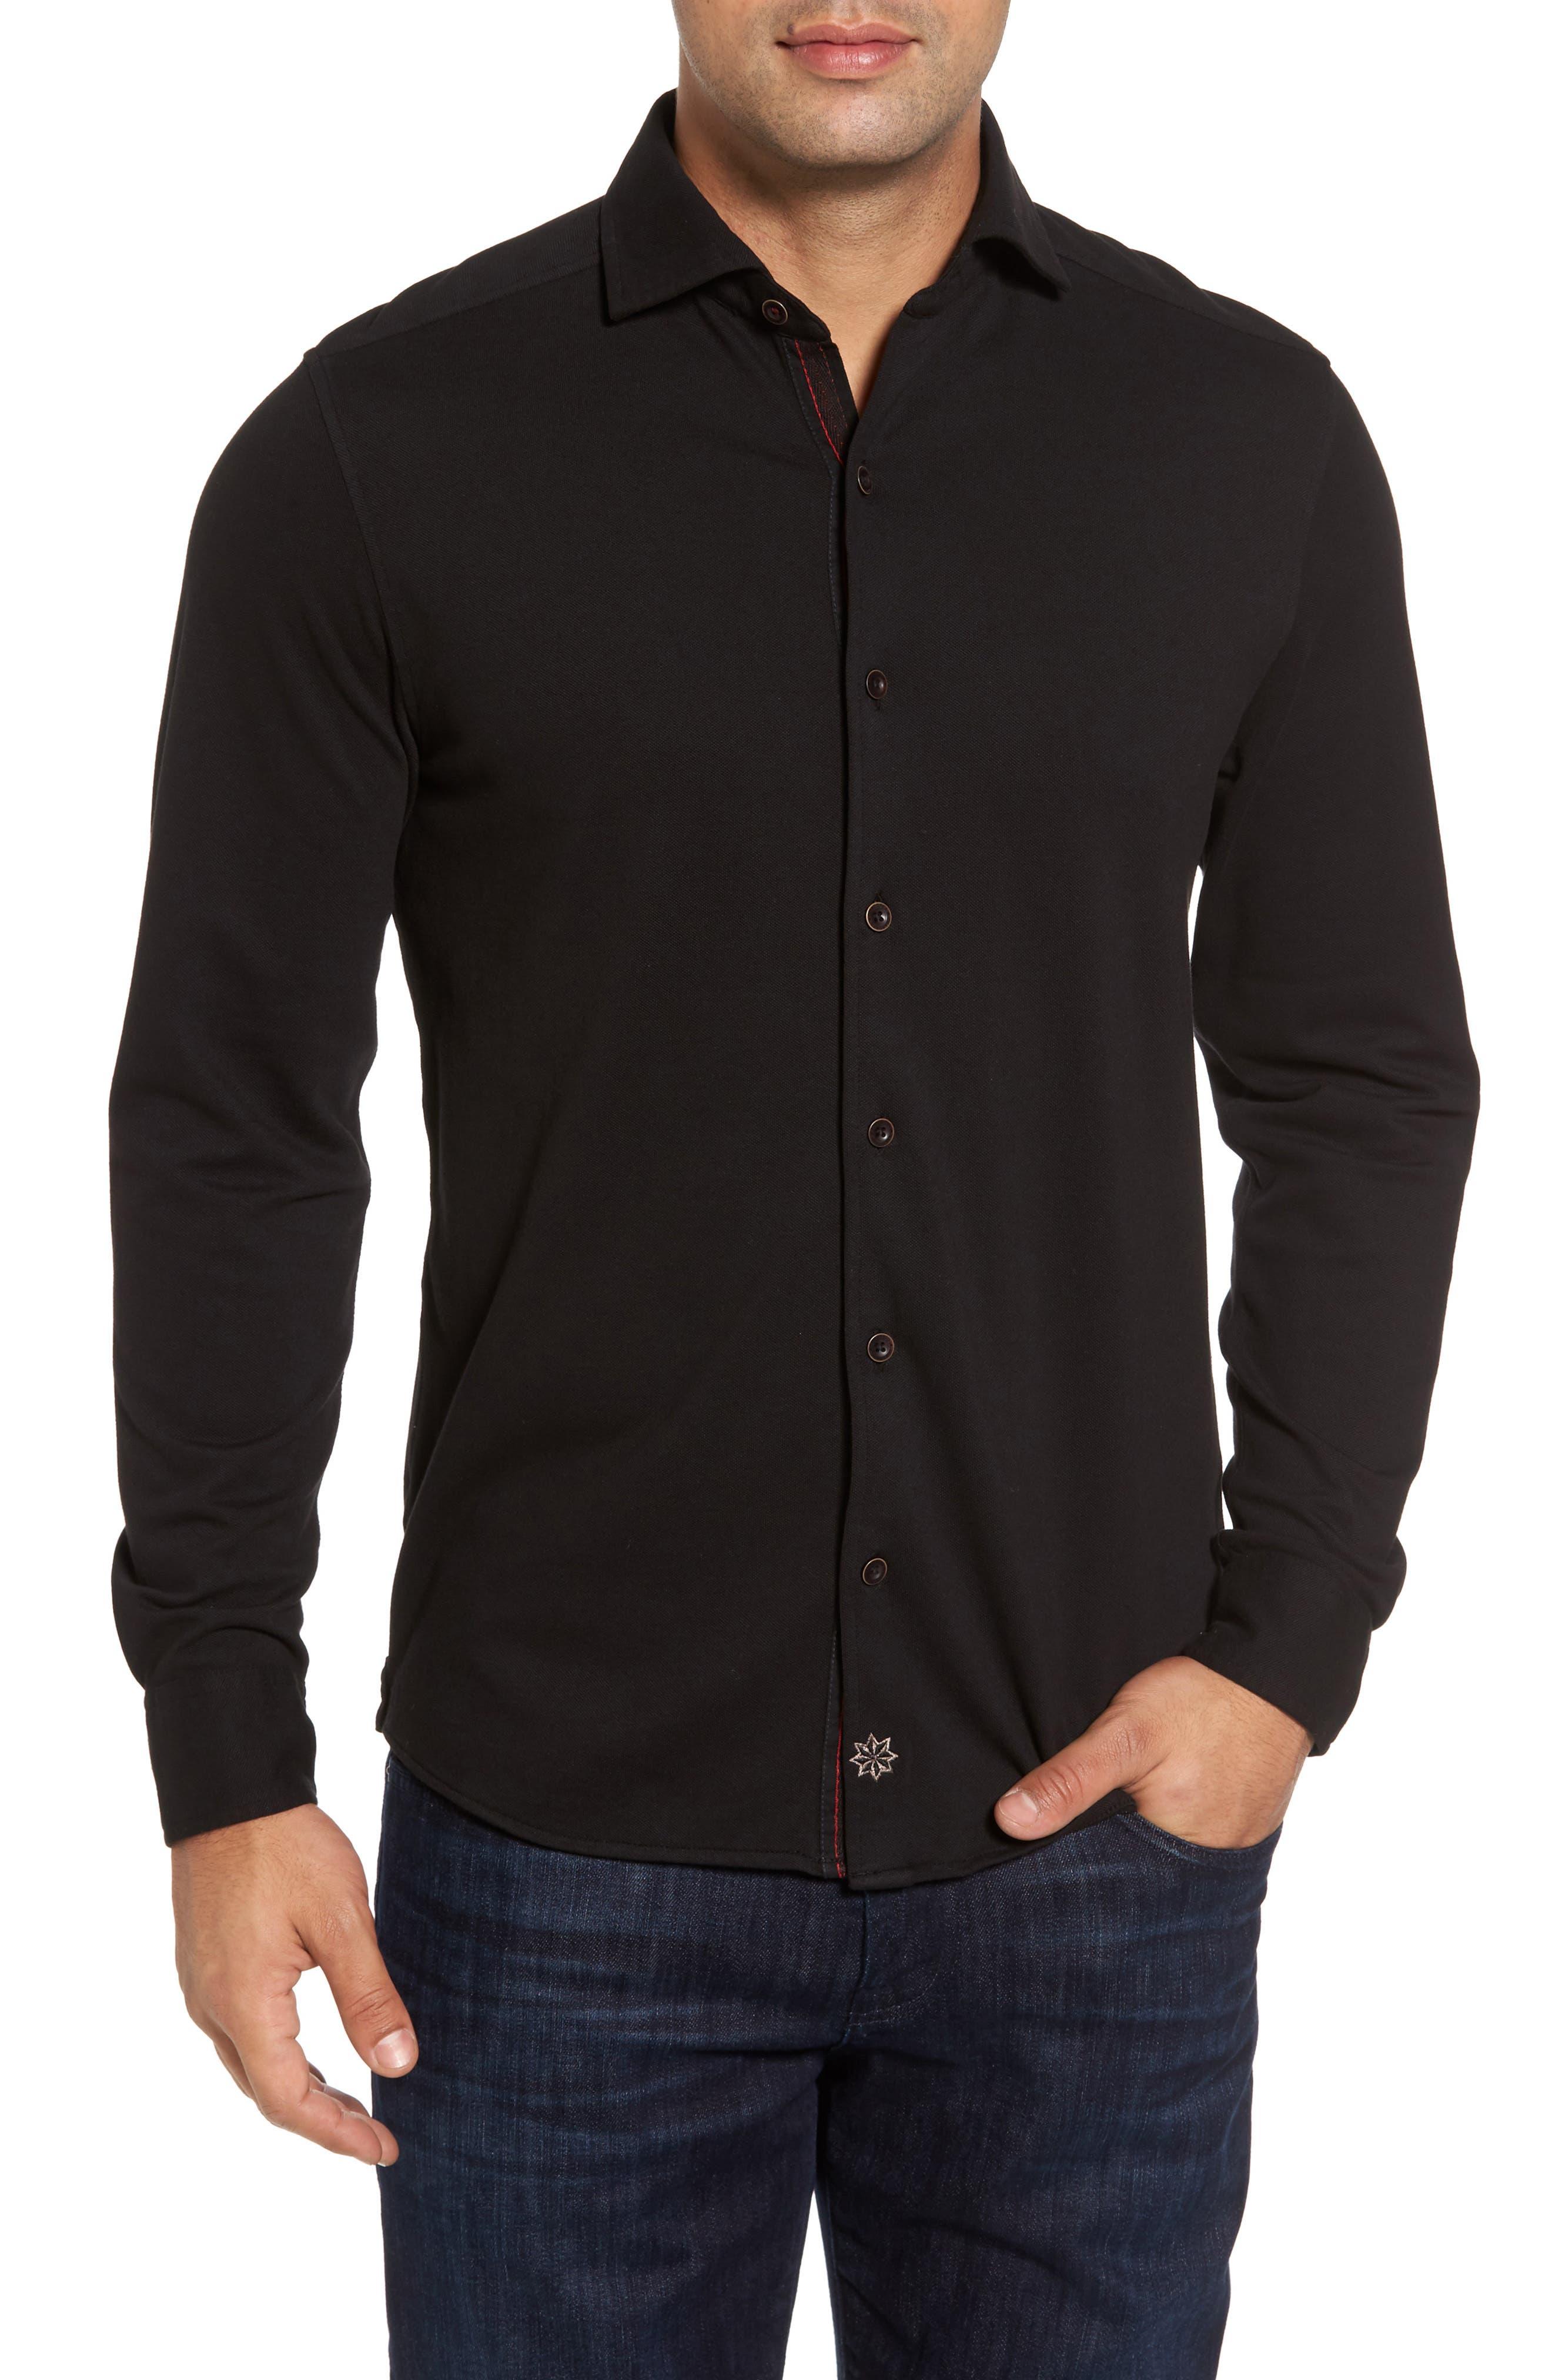 Shively Piqué Knit Sport Shirt,                         Main,                         color, 001